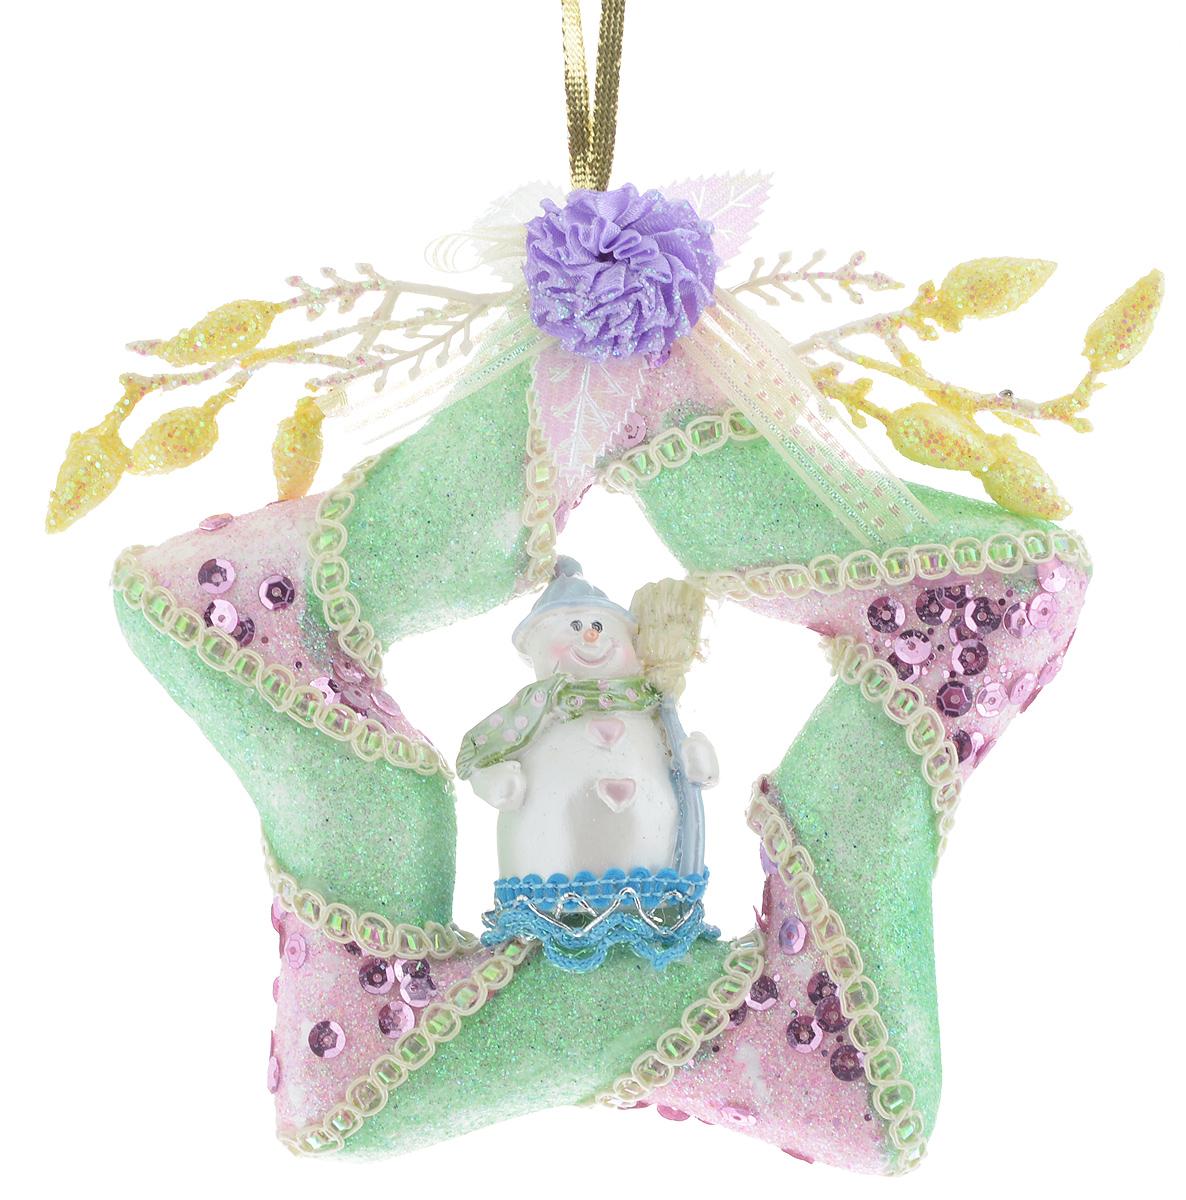 Украшение новогоднее подвесное Winter Wings Звезда, 13 х 14 х 2,7 смN180452Новогоднее подвесное украшение Winter Wings Звезда прекрасно подойдет для праздничного декора новогодней ели. Изделие выполнено из высококачественного полирезина. Для удобного размещения на елке на украшении предусмотрена текстильная петелька.Елочная игрушка - символ Нового года. Она несет в себе волшебство и красоту праздника. Создайте в своем доме атмосферу веселья и радости, украшая новогоднюю елку нарядными игрушками, которые будут из года в год накапливать теплоту воспоминаний. Откройте для себя удивительный мир сказок и грез. Почувствуйте волшебные минуты ожидания праздника, создайте новогоднее настроение вашим дорогим и близким.